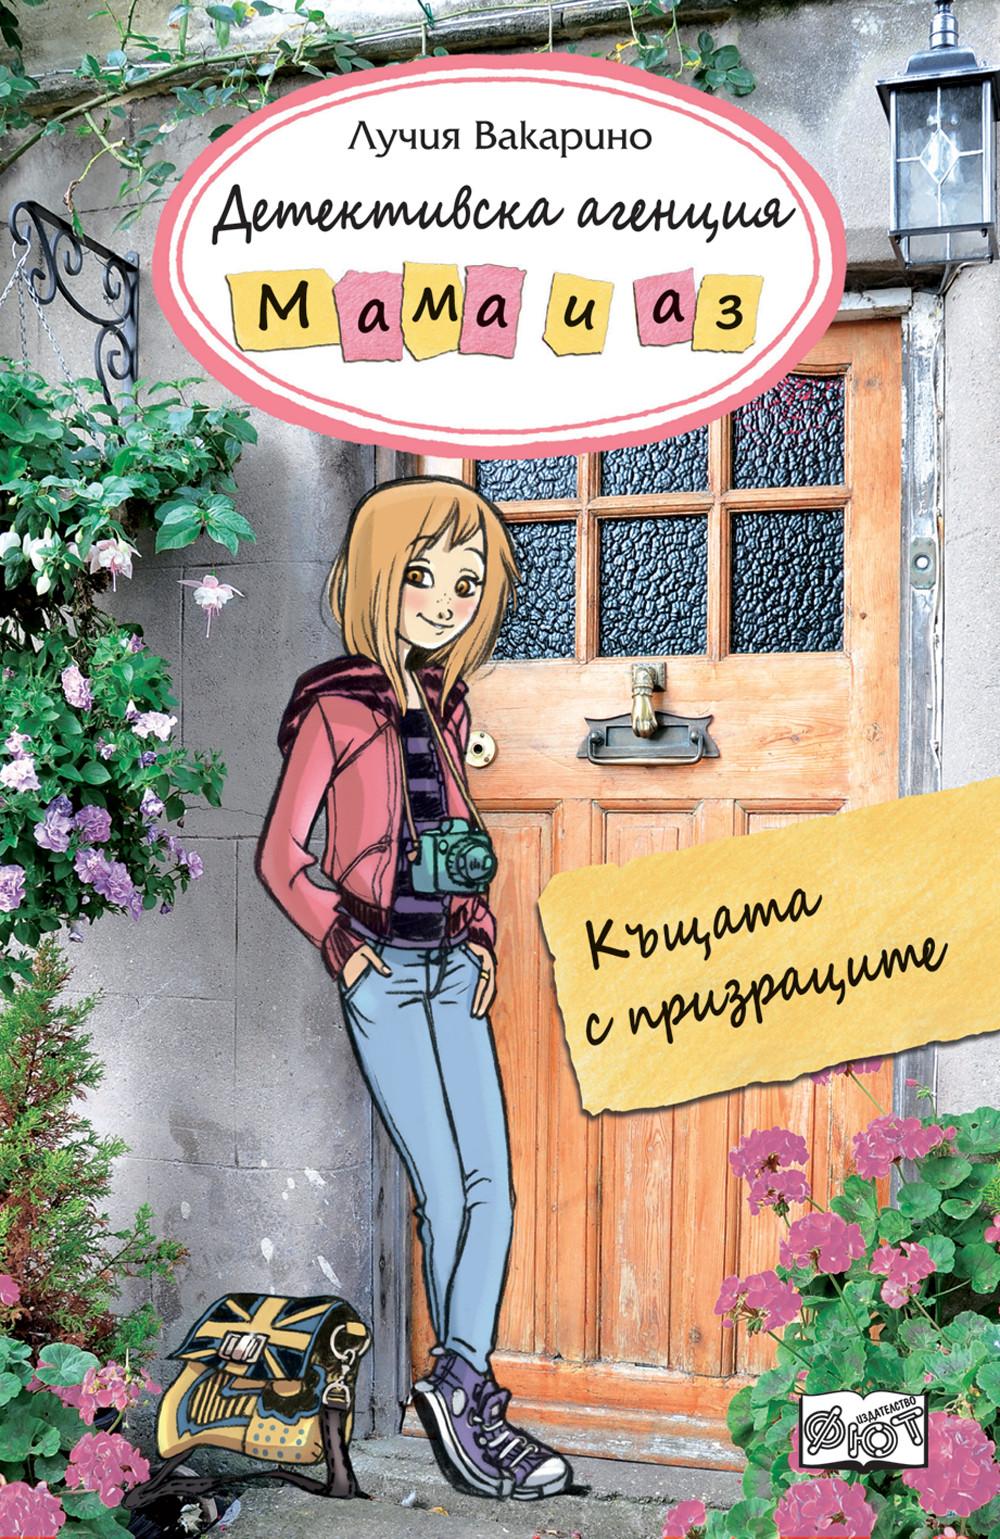 """ДЕТЕКТИВСКА АГЕНЦИЯ """"МАМА И АЗ"""" -  КЪЩАТА С ПРИЗРАЦИТЕ"""